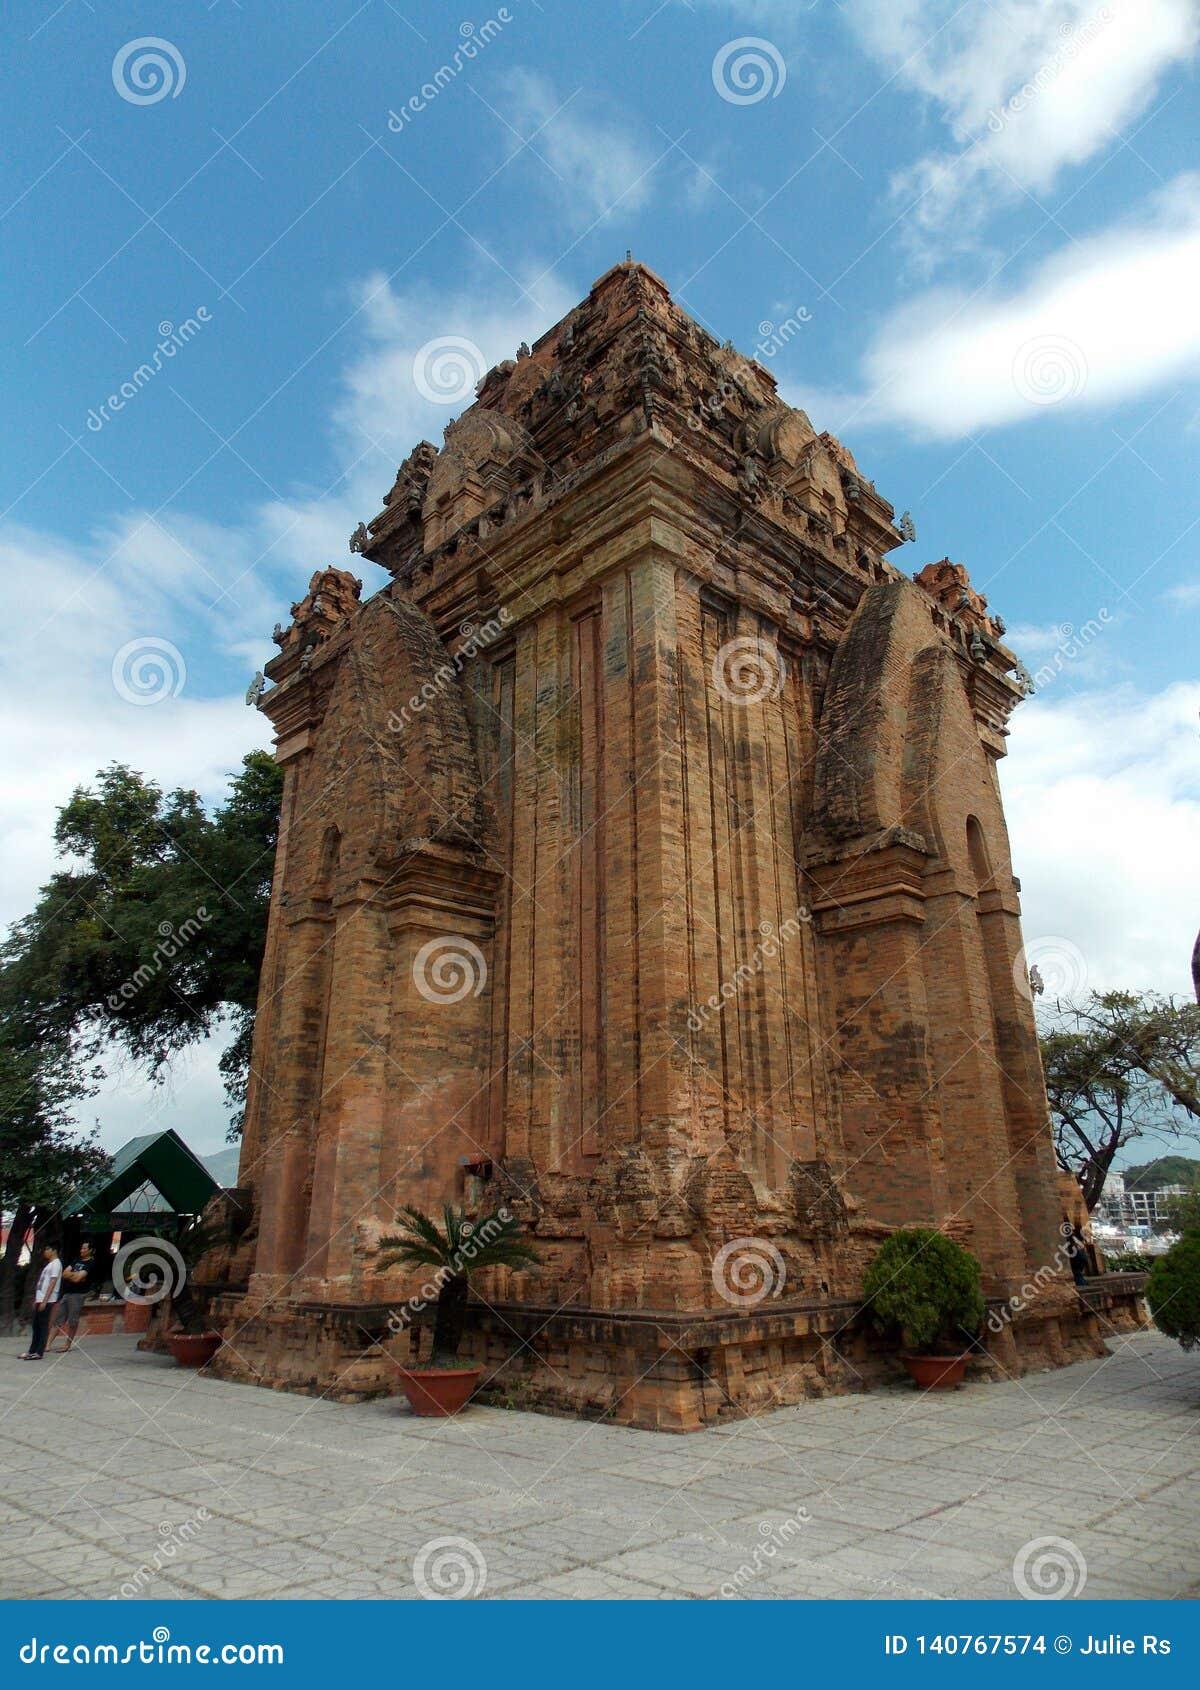 Ancient Cham temple, Vietnam